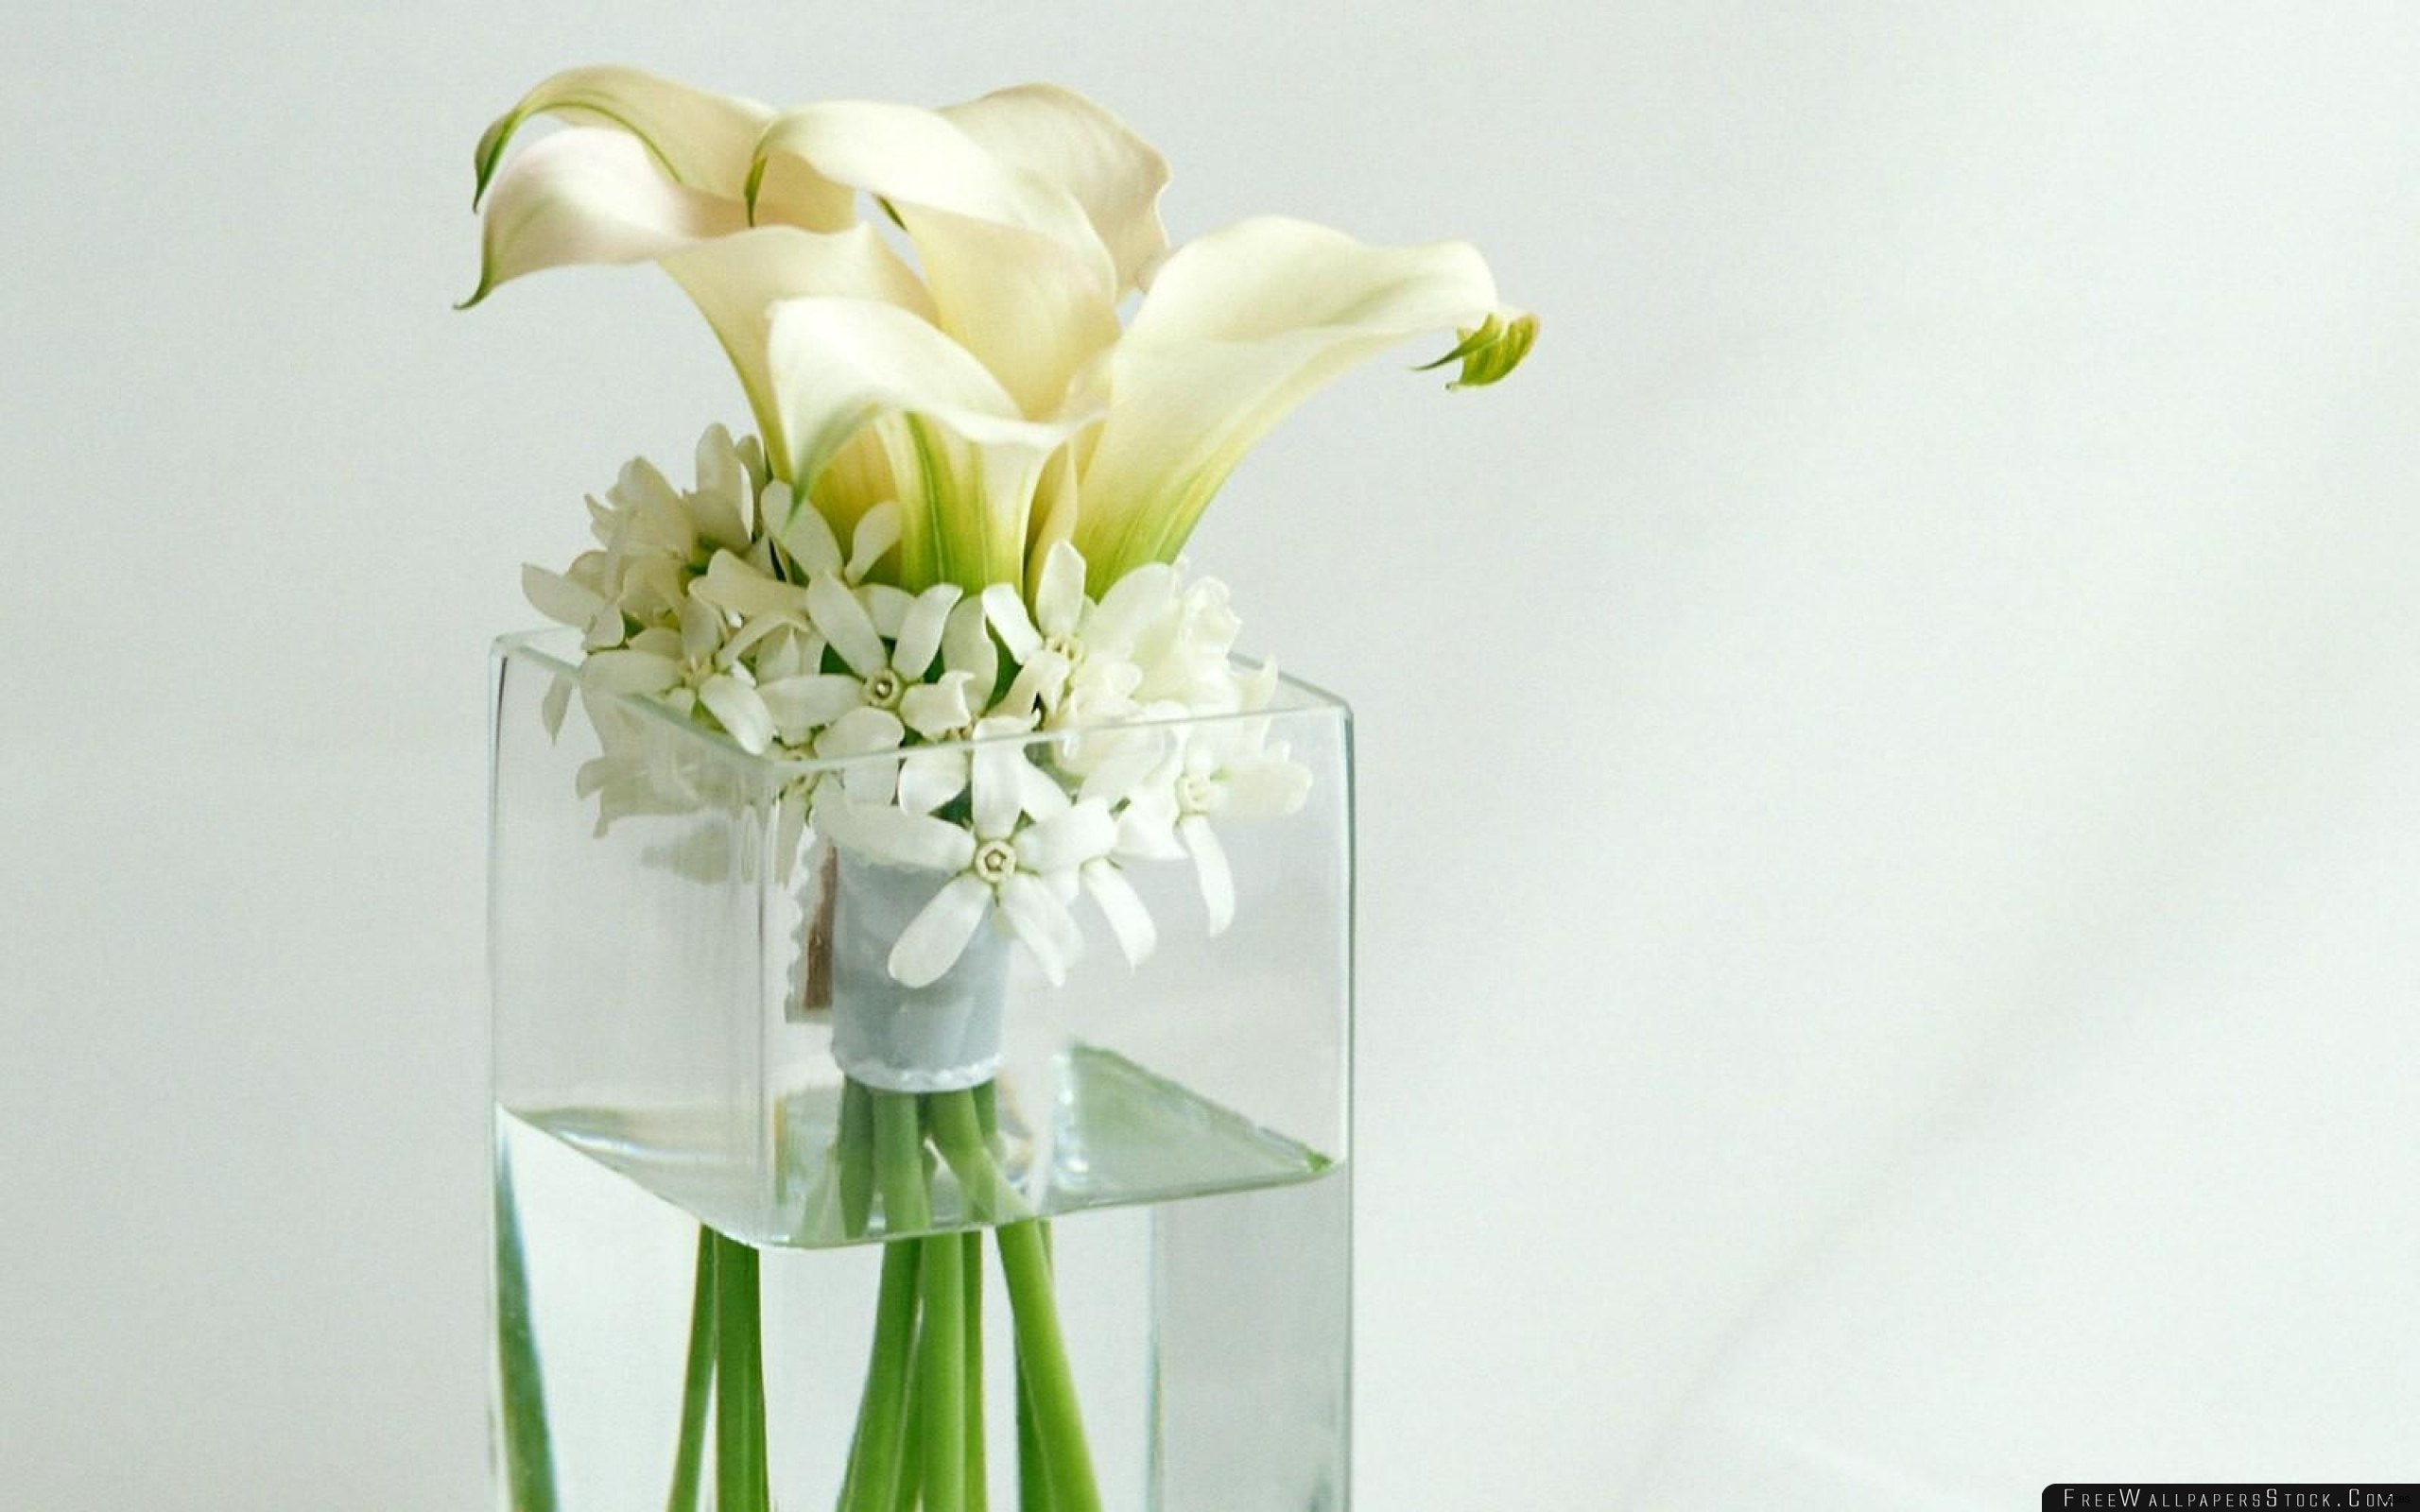 rose arrangements in square vases of square vase flower arrangements images flower arrangements ideas for pertaining to square vase flower arrangements images flower arrangements ideas for w